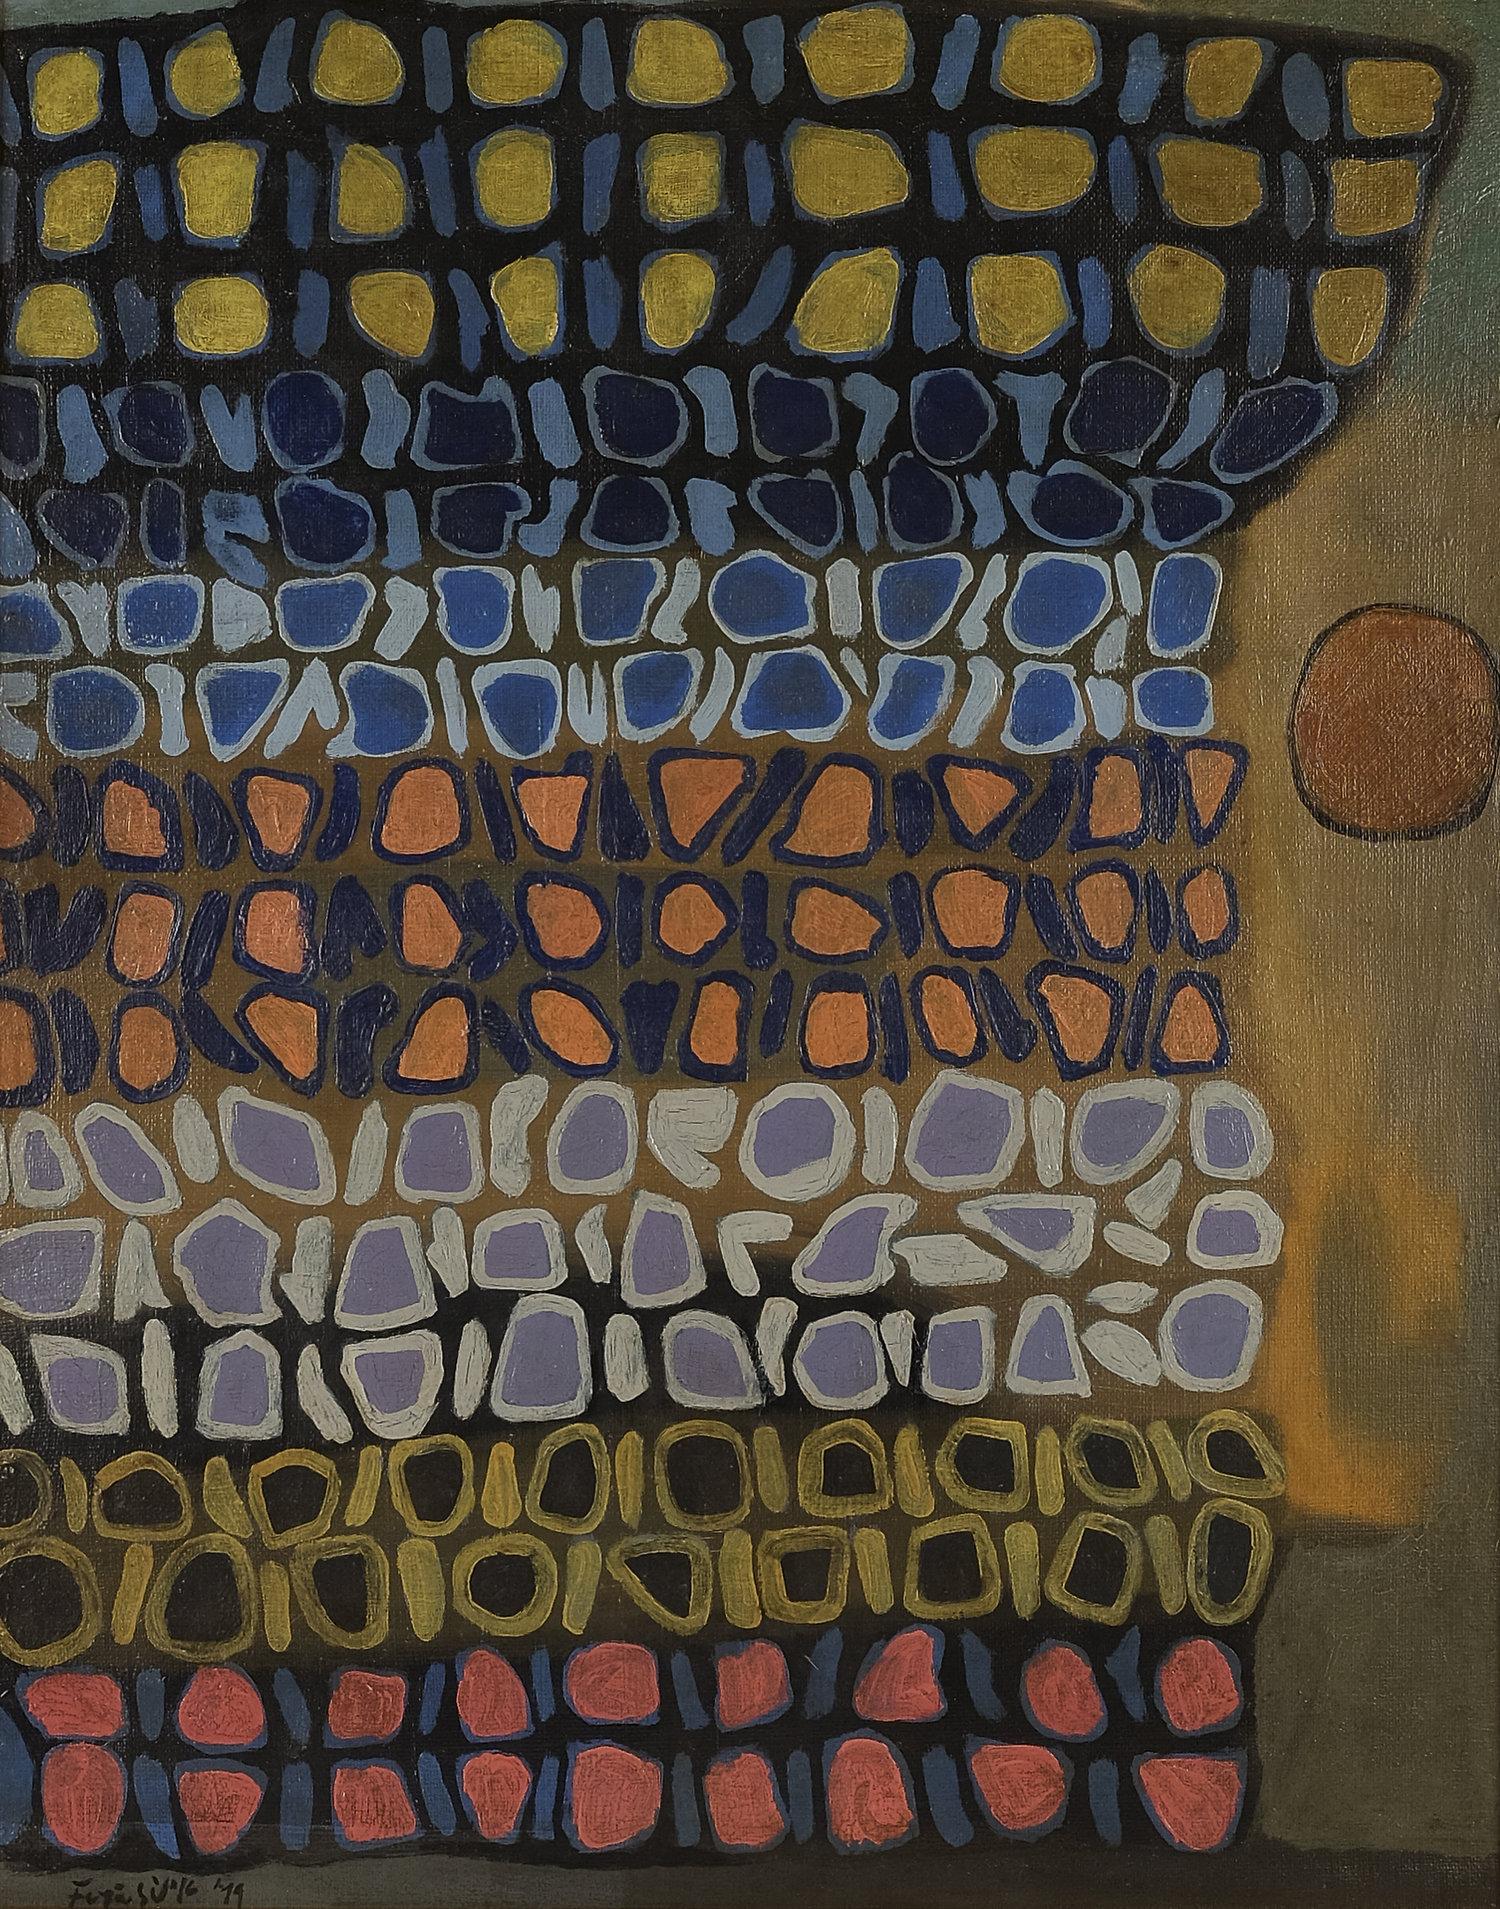 Fadjar Sidik, Dinamika Keruangan (Space Dynamics), 1979, 70 x 55 cm